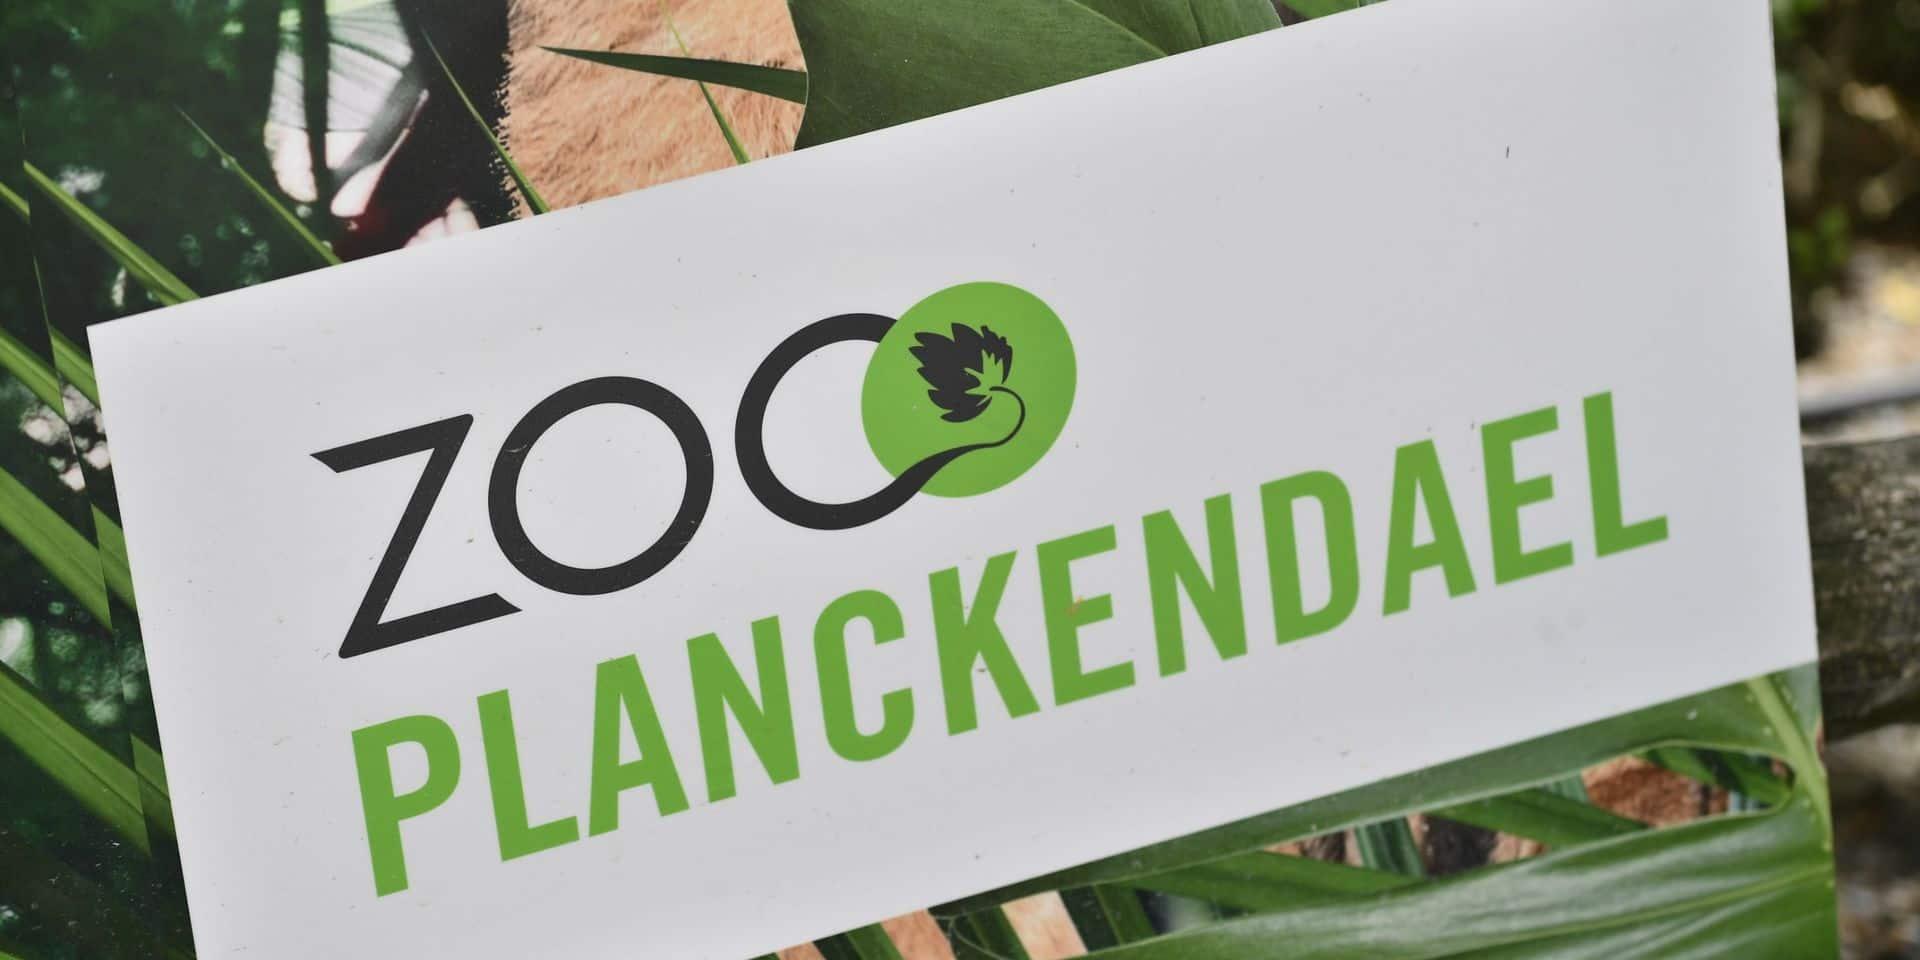 Le zoo de Planckendael reporte l'arrivée d'orangs-outans en raison de la crise du Covid